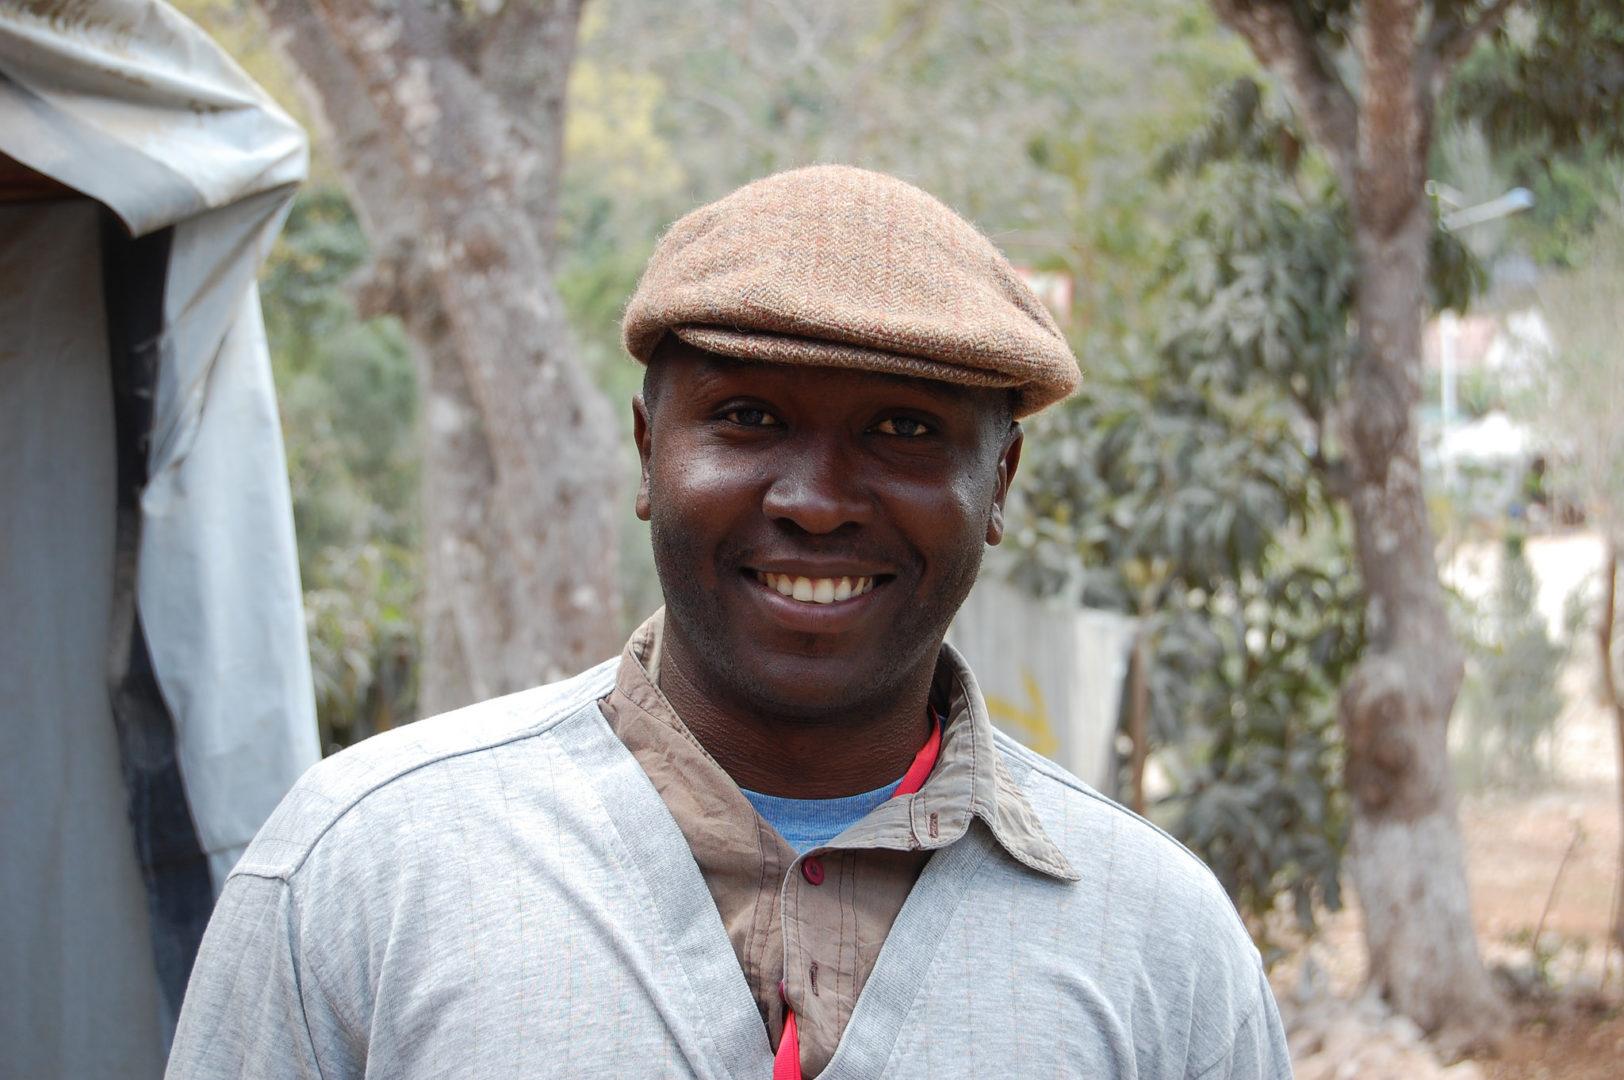 Jean serves as an environmental technician in Haiti.